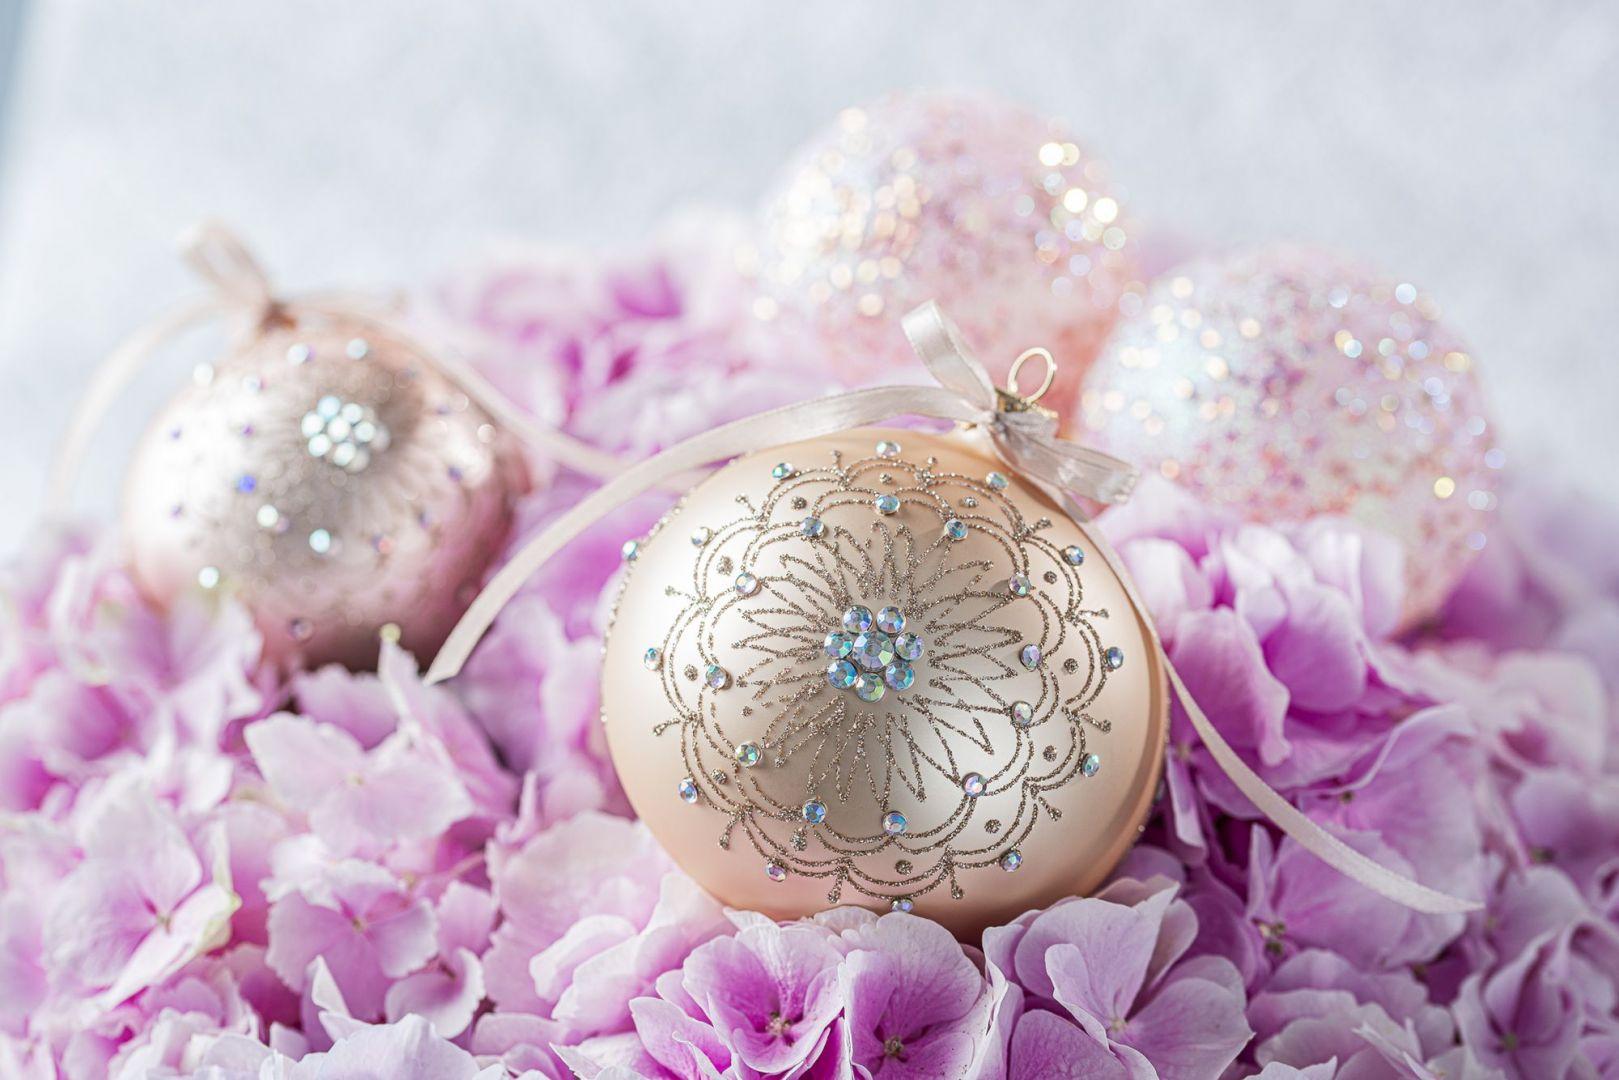 Świąteczne dekoracje  z kolekcji Pink Champagne marki Dagmara. Fot. Dagmara